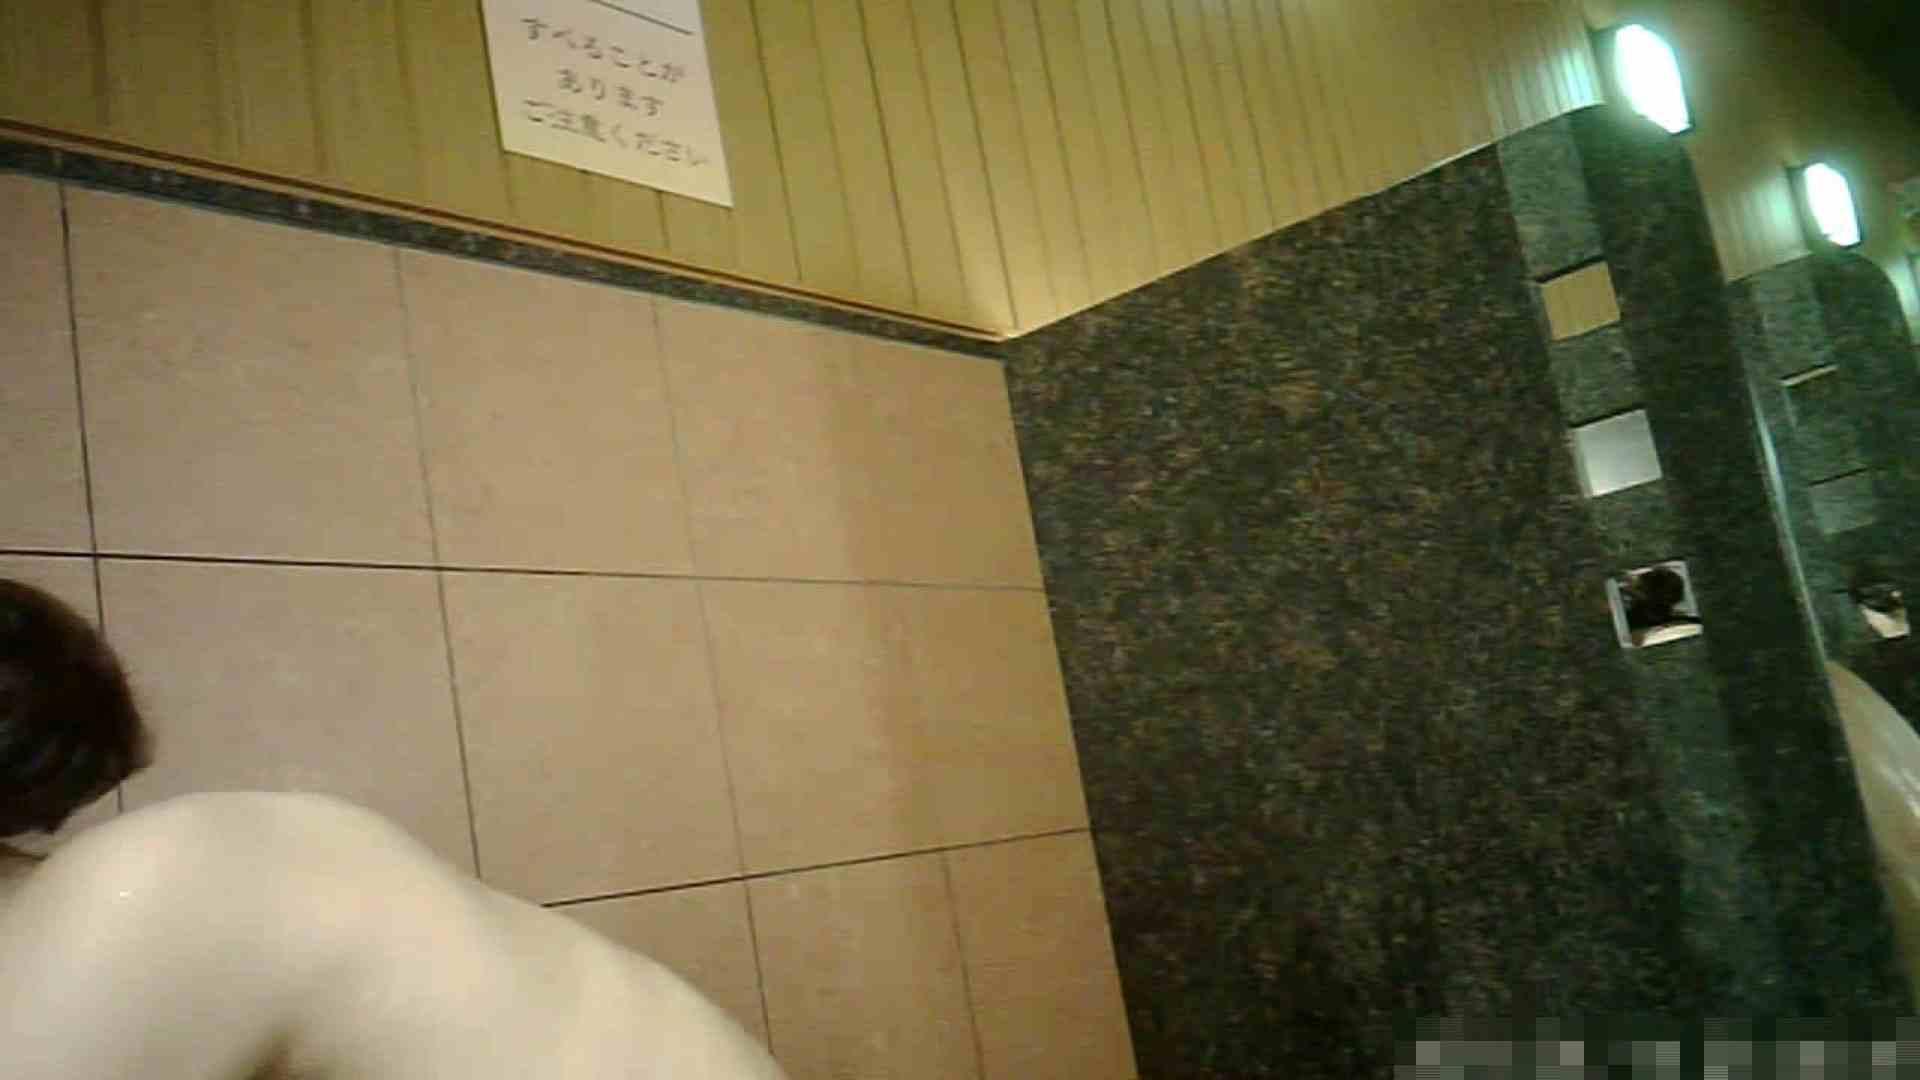 手を染めてしまった女性盗撮師の女風呂潜入記 vol.001 OLセックス | 脱衣所  48画像 1